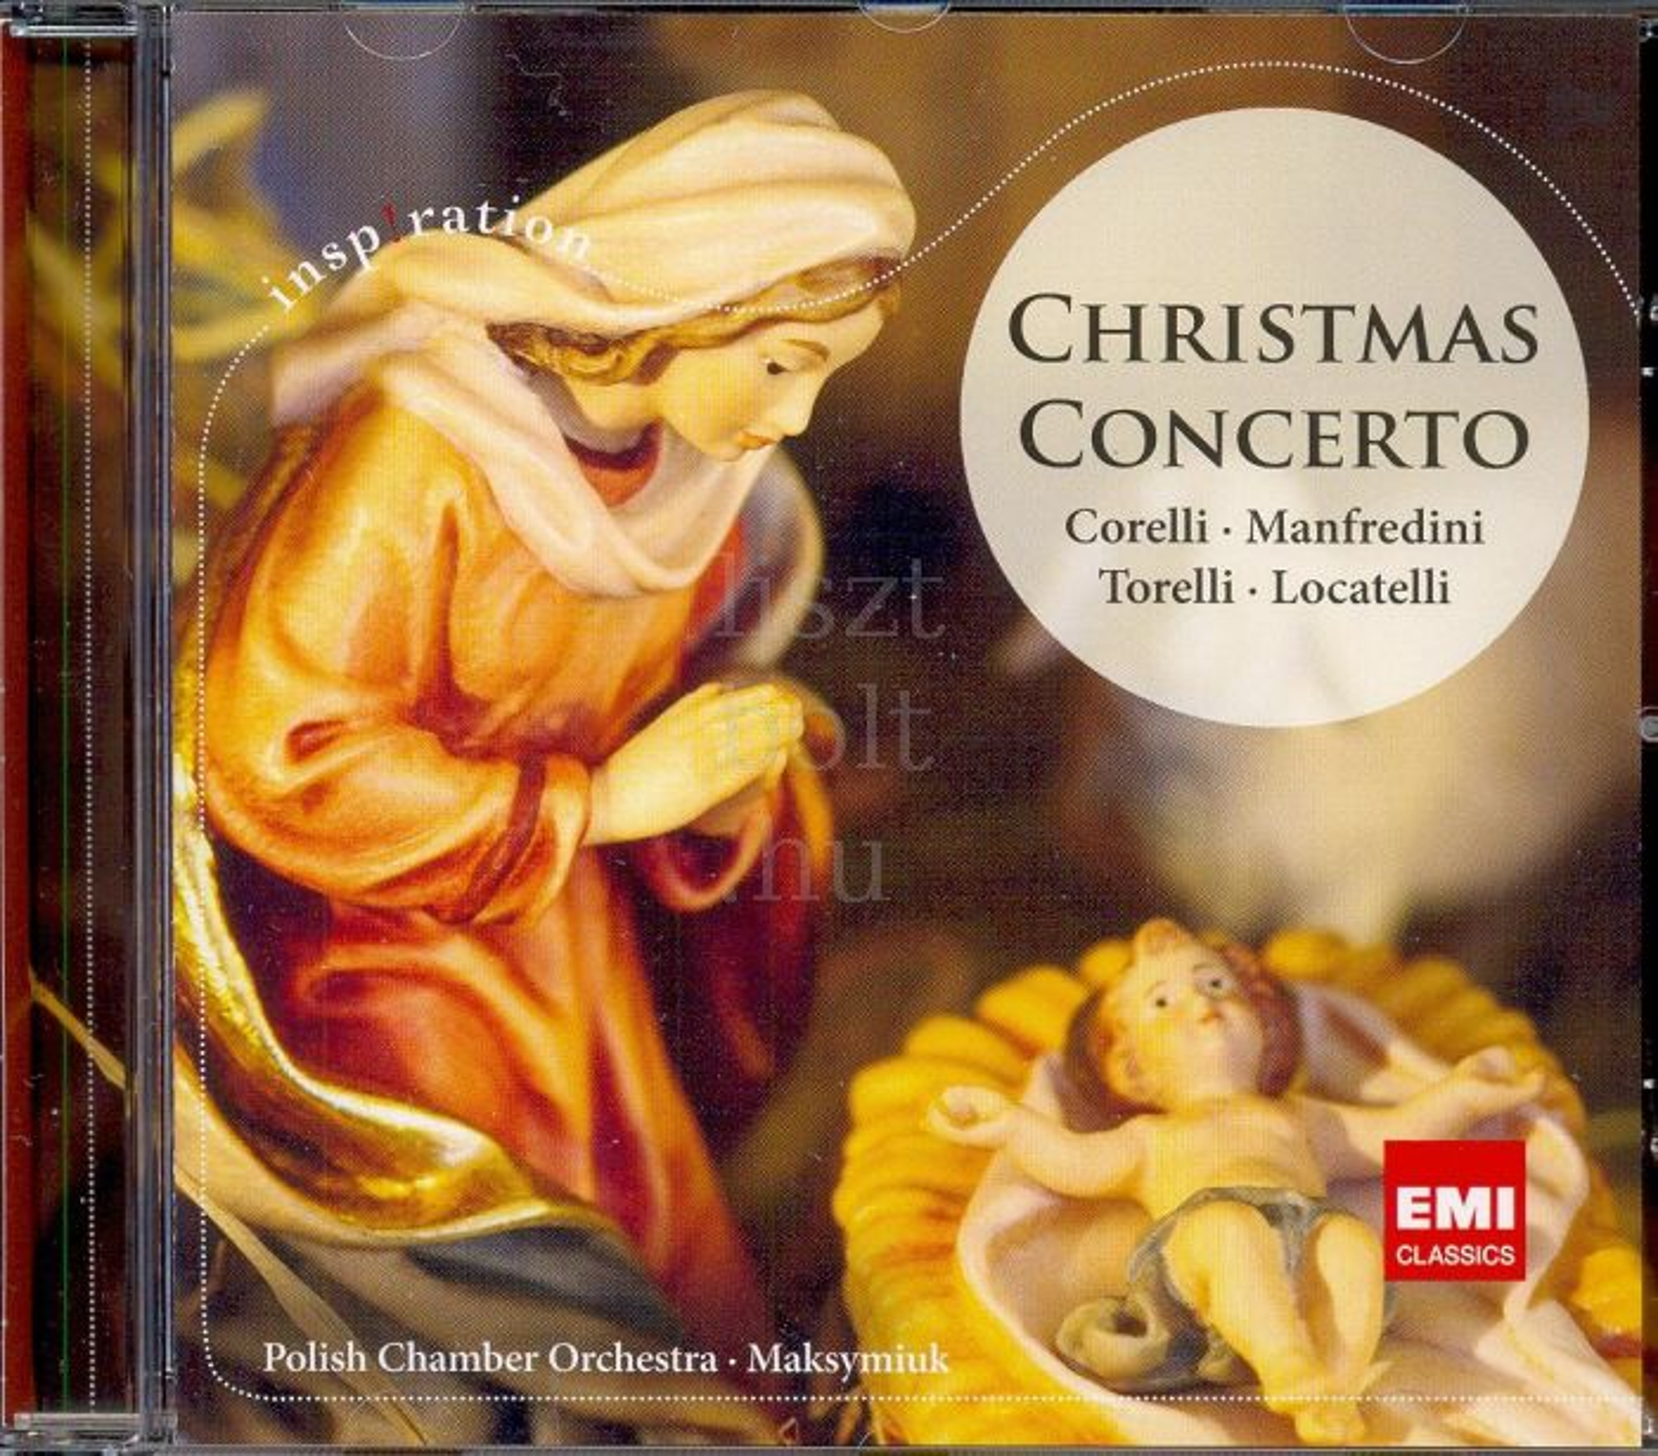 Christmas Concerto - Corelli, Manfredini, Torelli, Locatelli Concertos